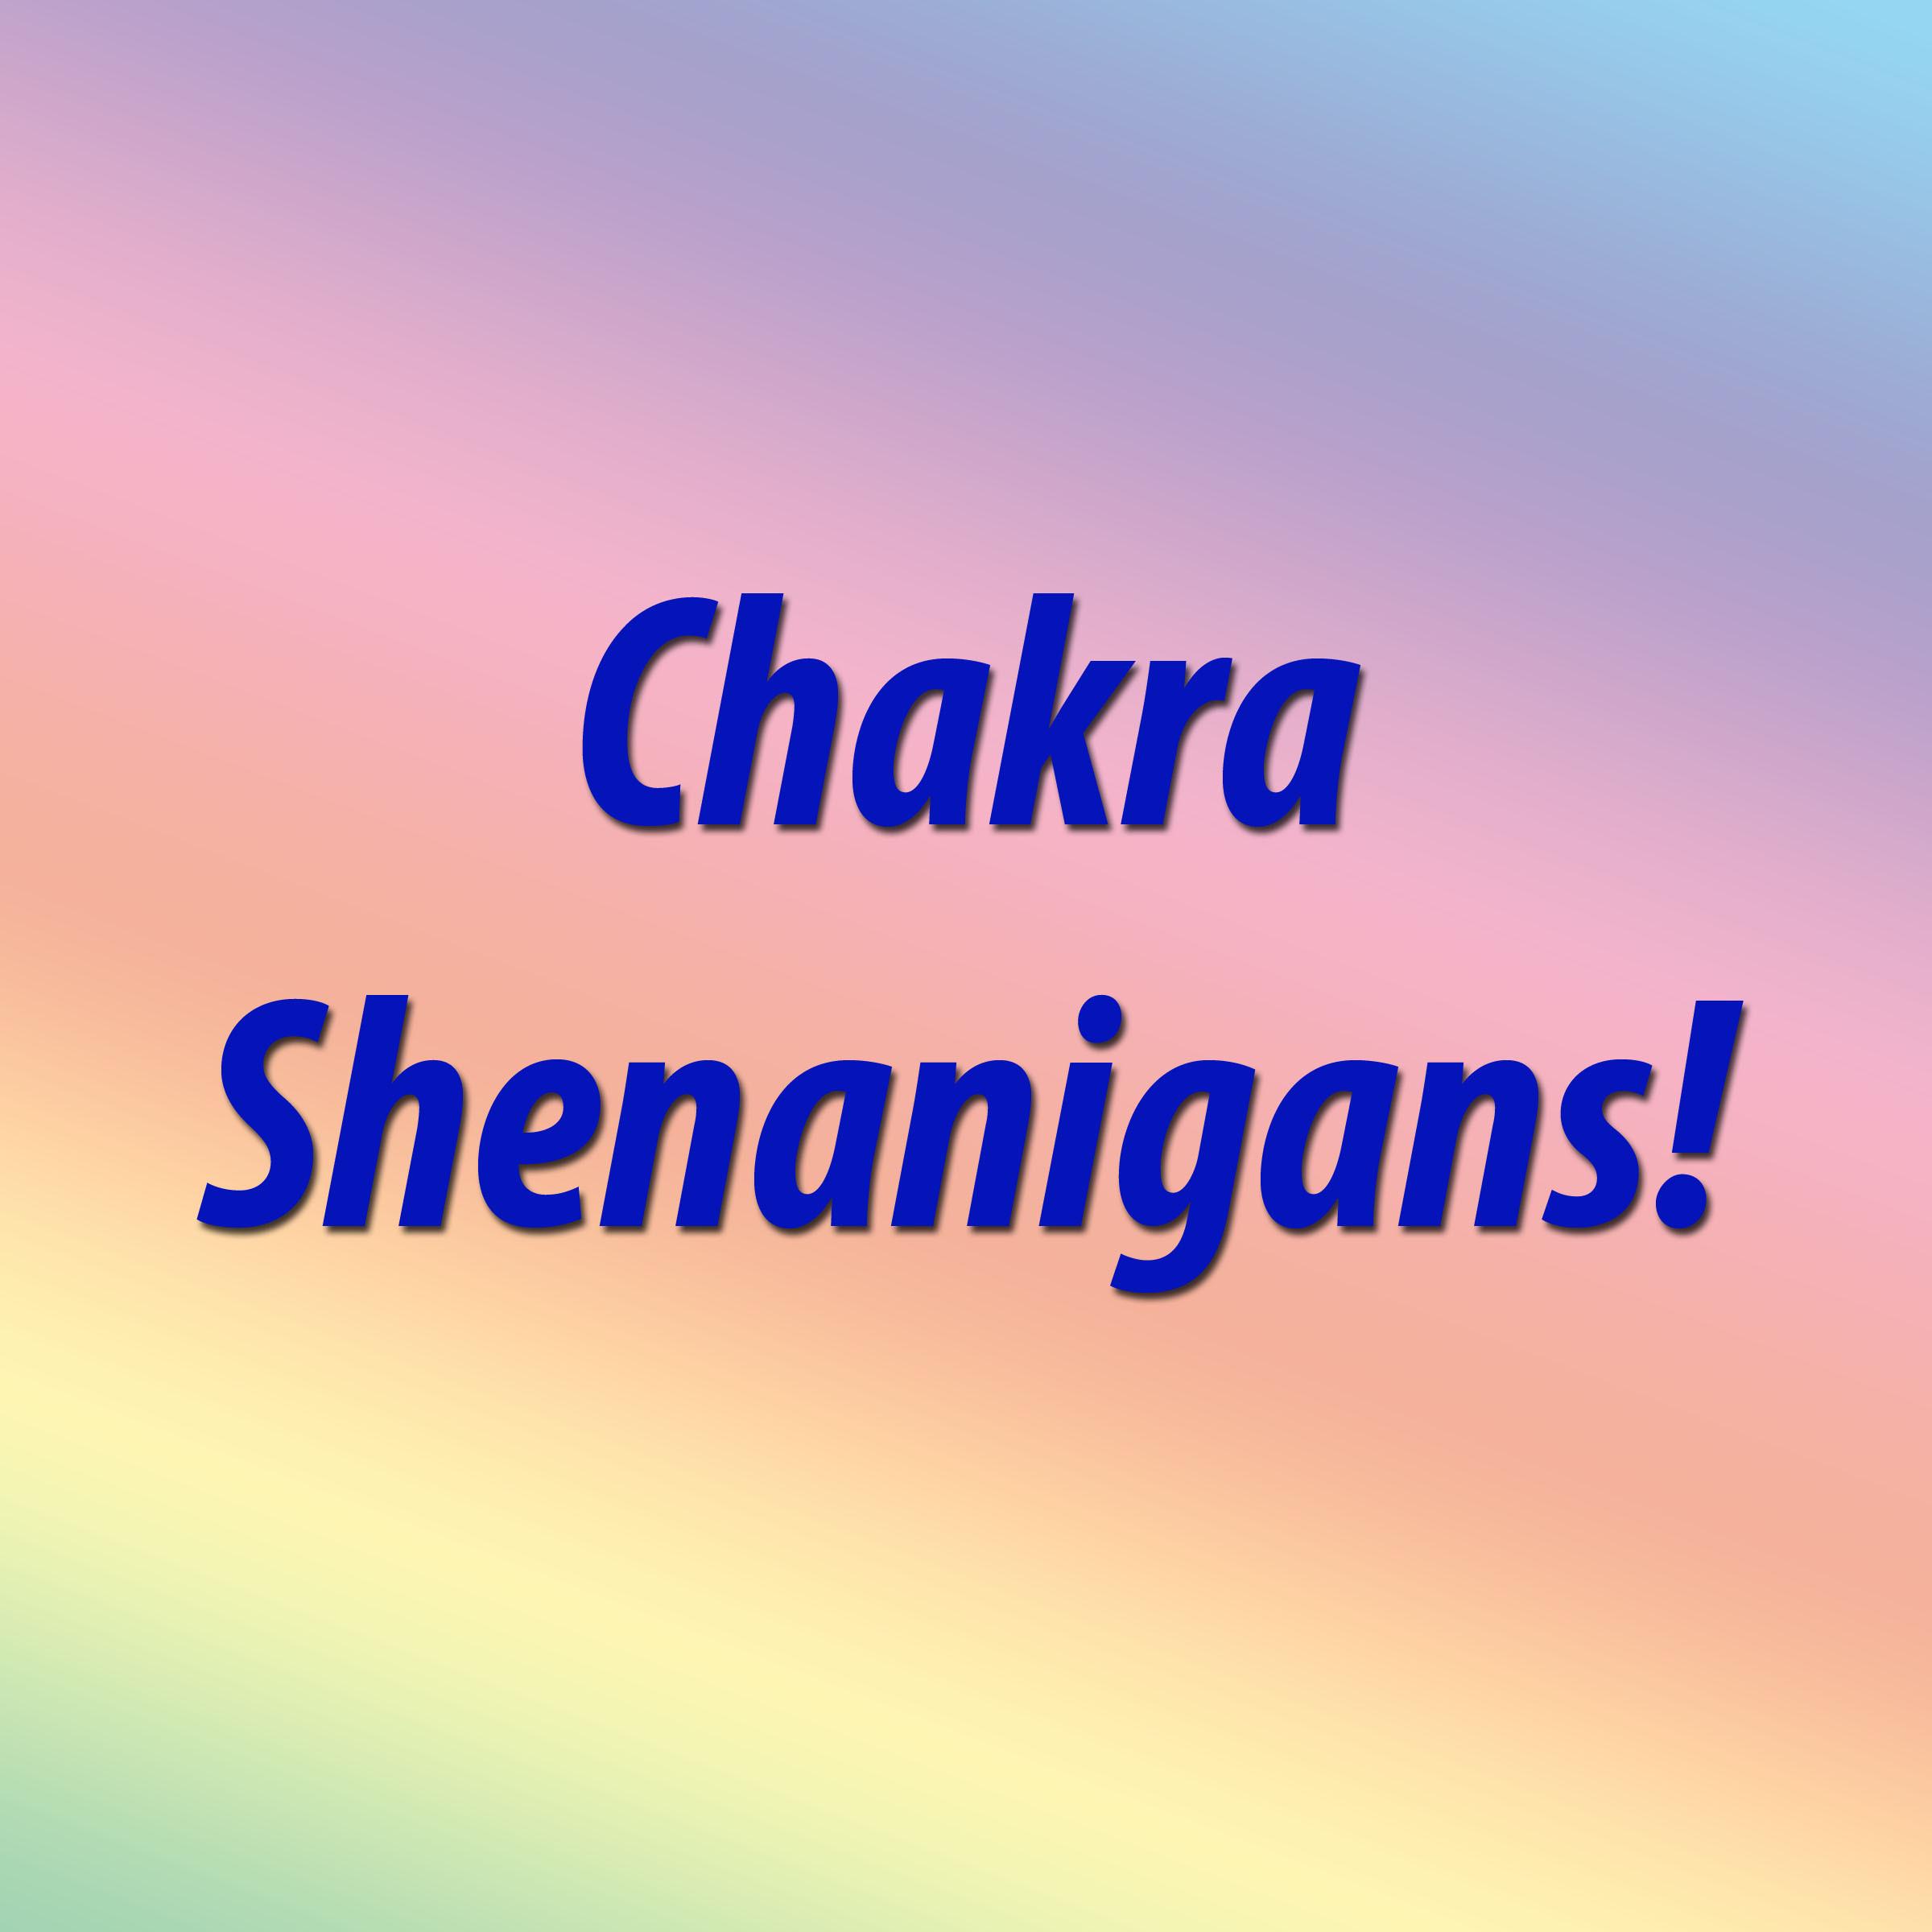 Chakra Shenanigans!